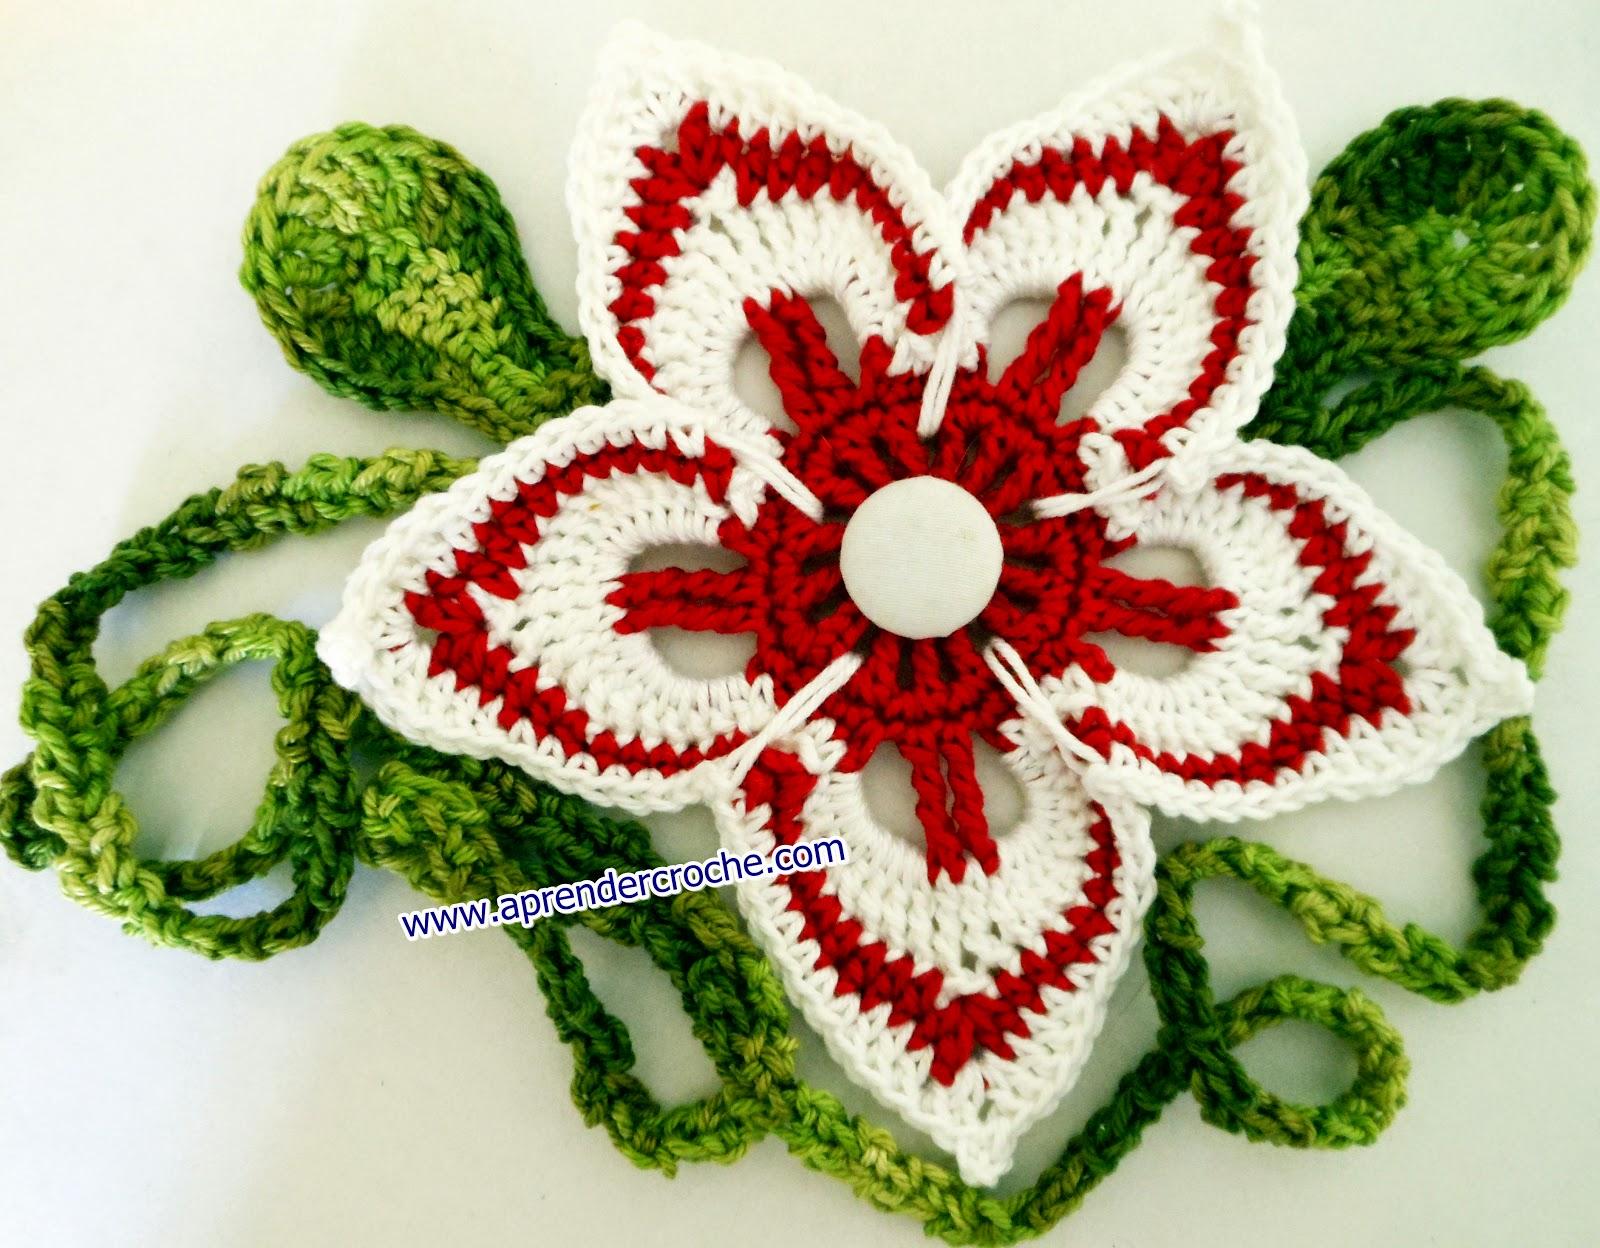 flores em croche navy marinheiro aprender croche com edinir-croche loja dvd frete gratis